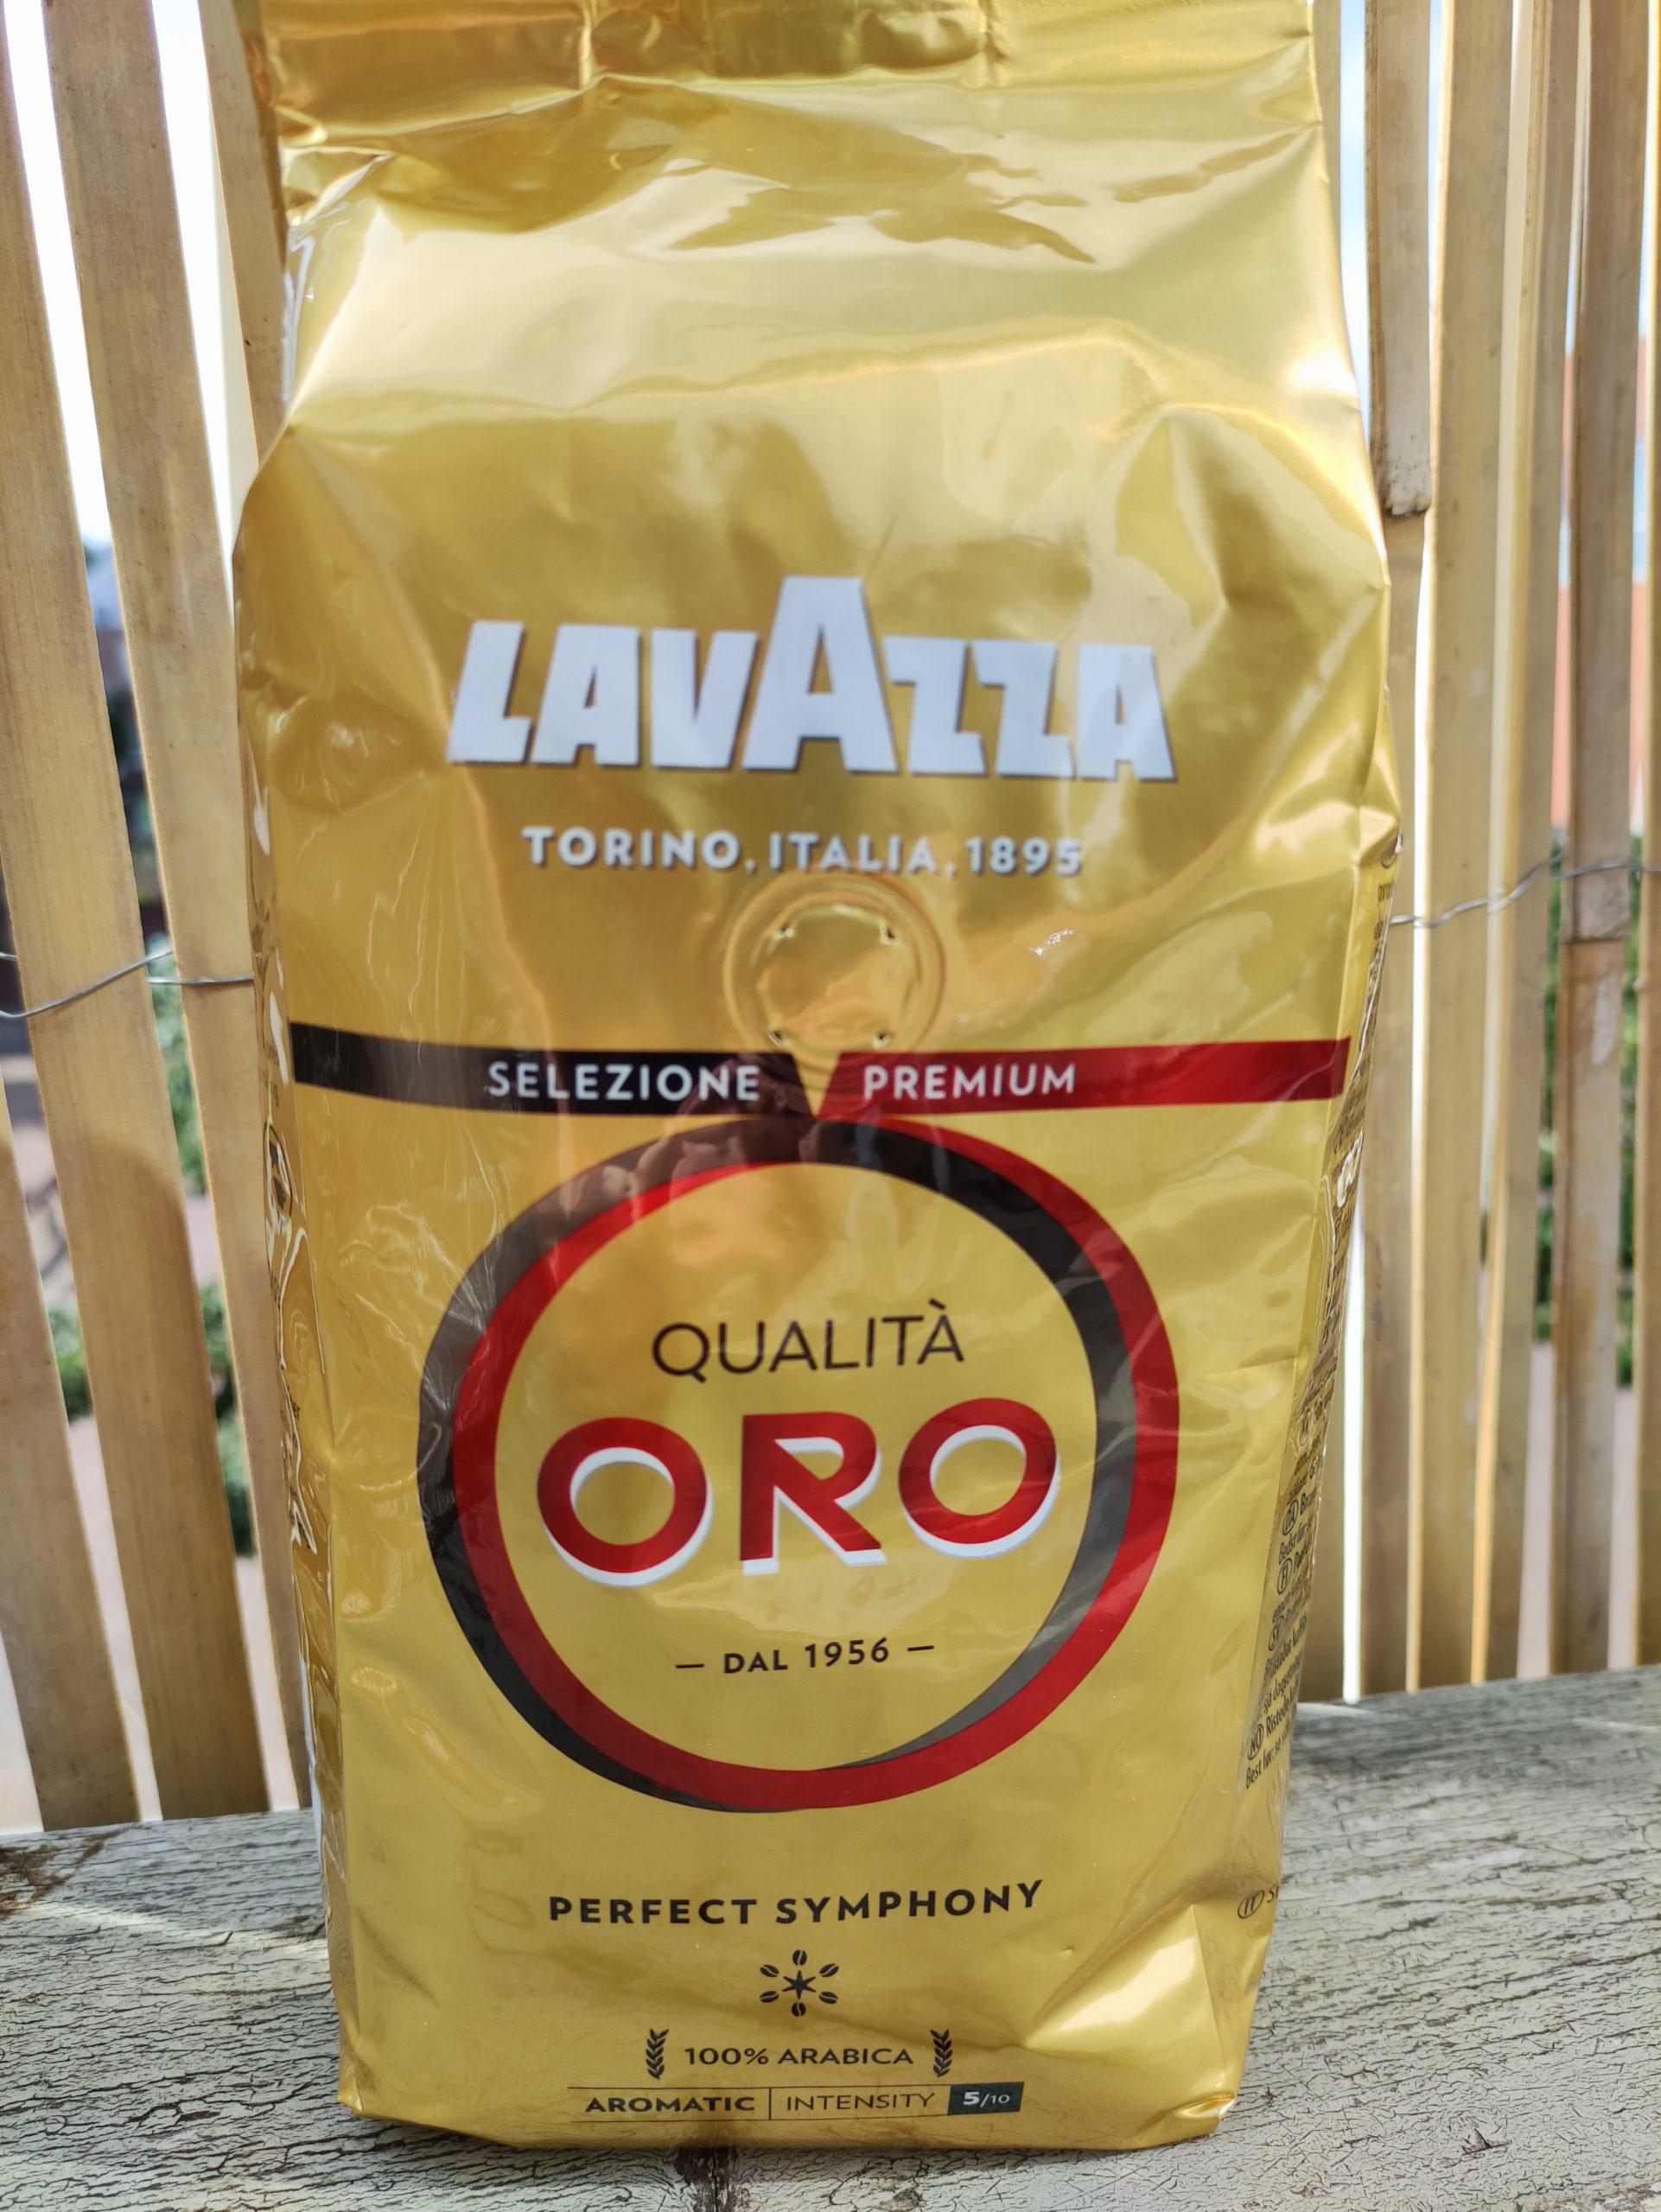 Lavazza - koffiebonen - Qualità Oro